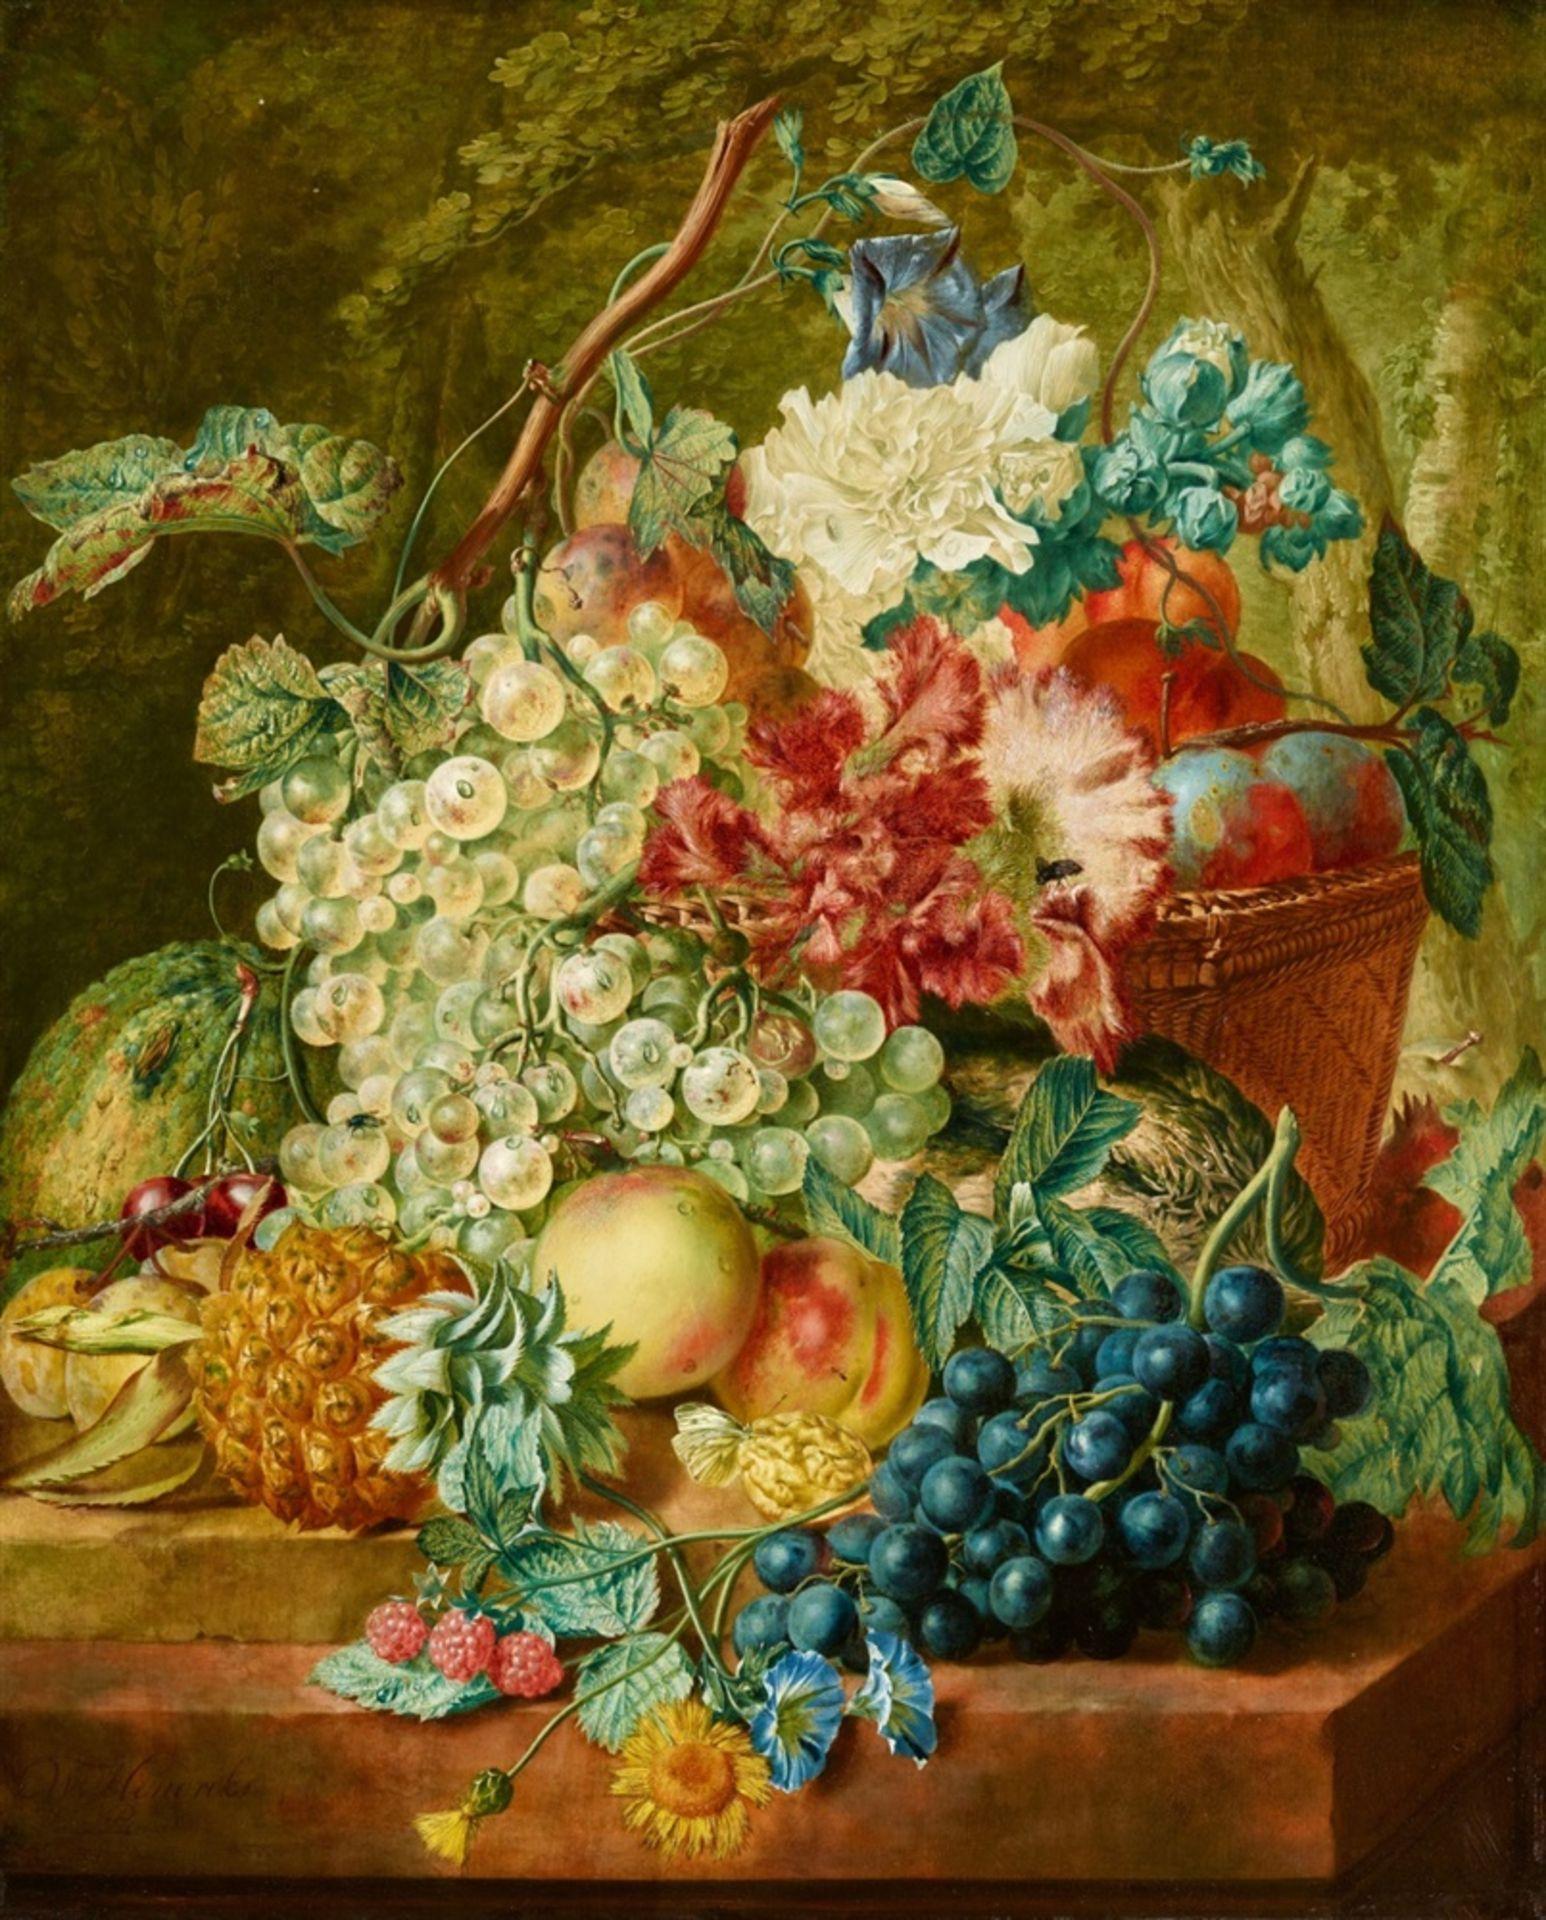 Wybrand HendriksKorb mit Weintrauben, Pfirsichen und Ananas auf einer Steinplatte